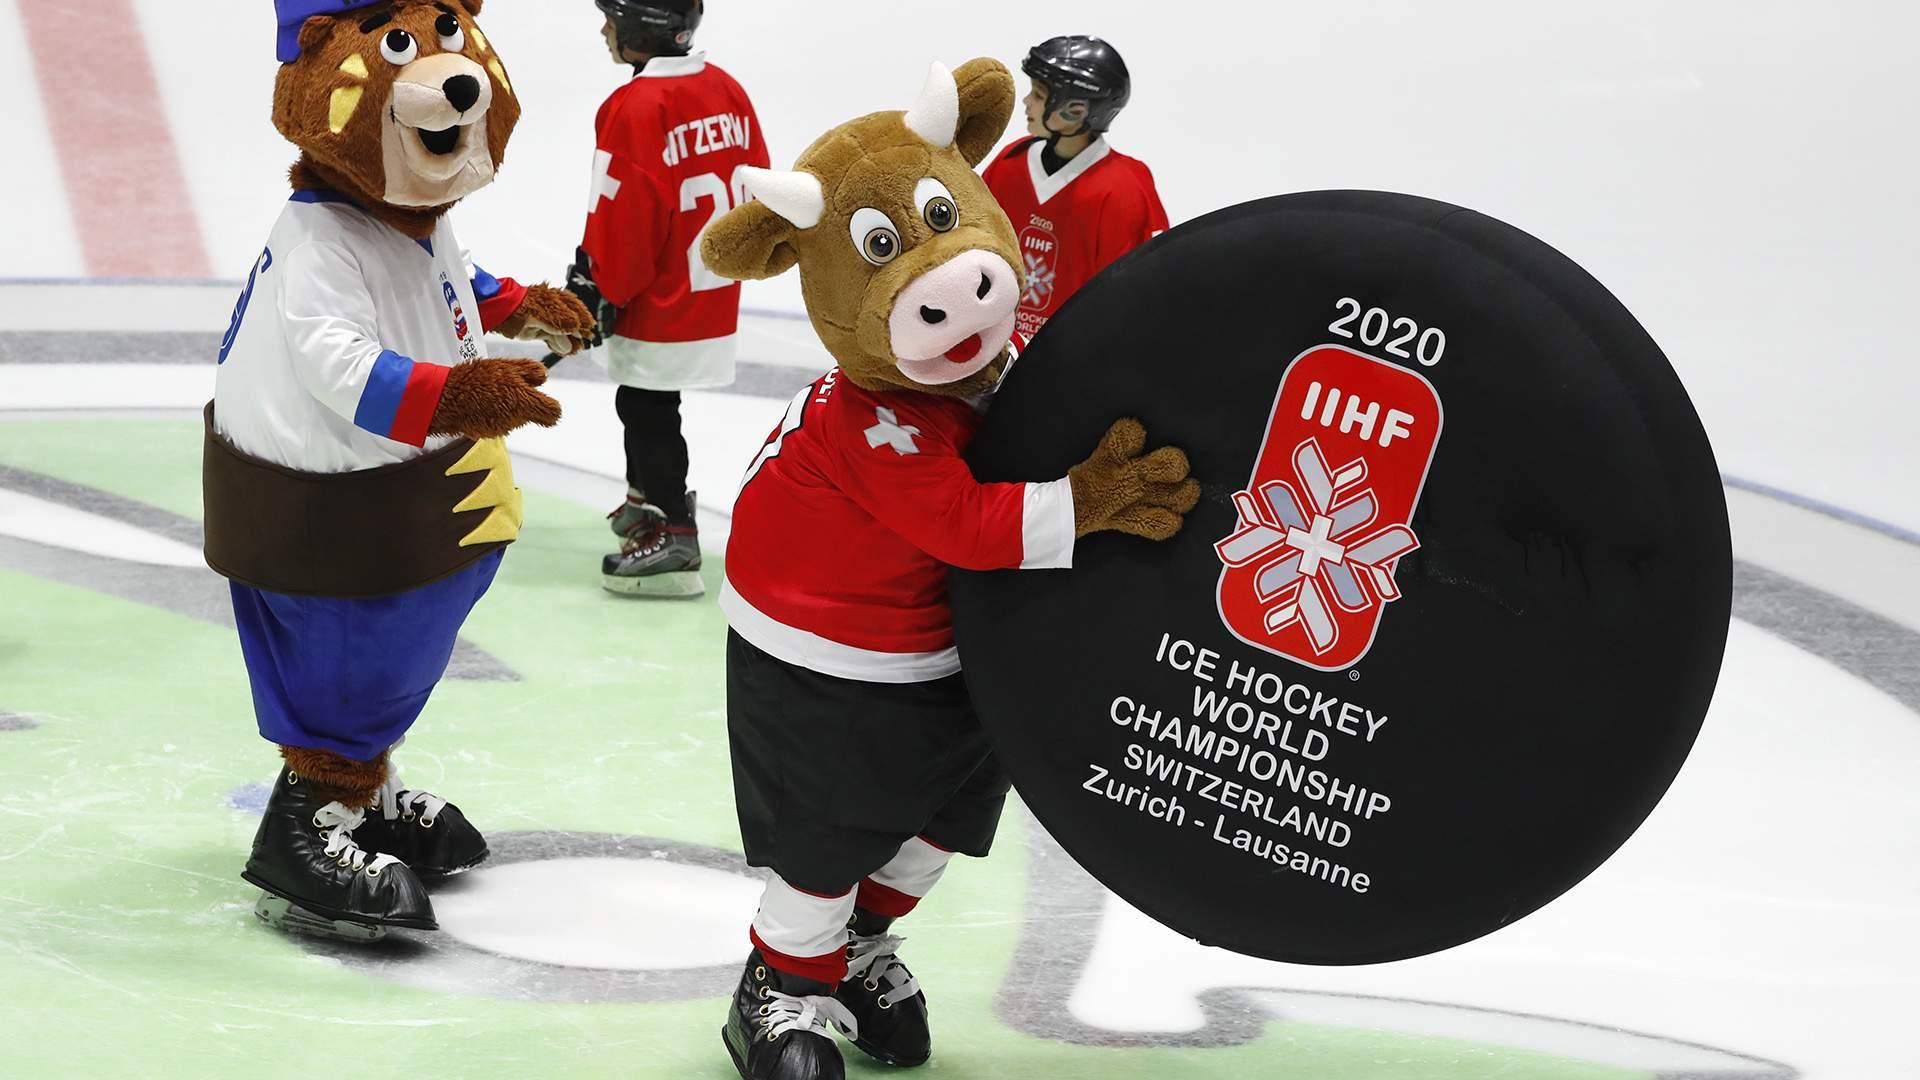 Канада - Россия 5 января 2020: прямая онлайн-трансляция финала ... | 1080x1920